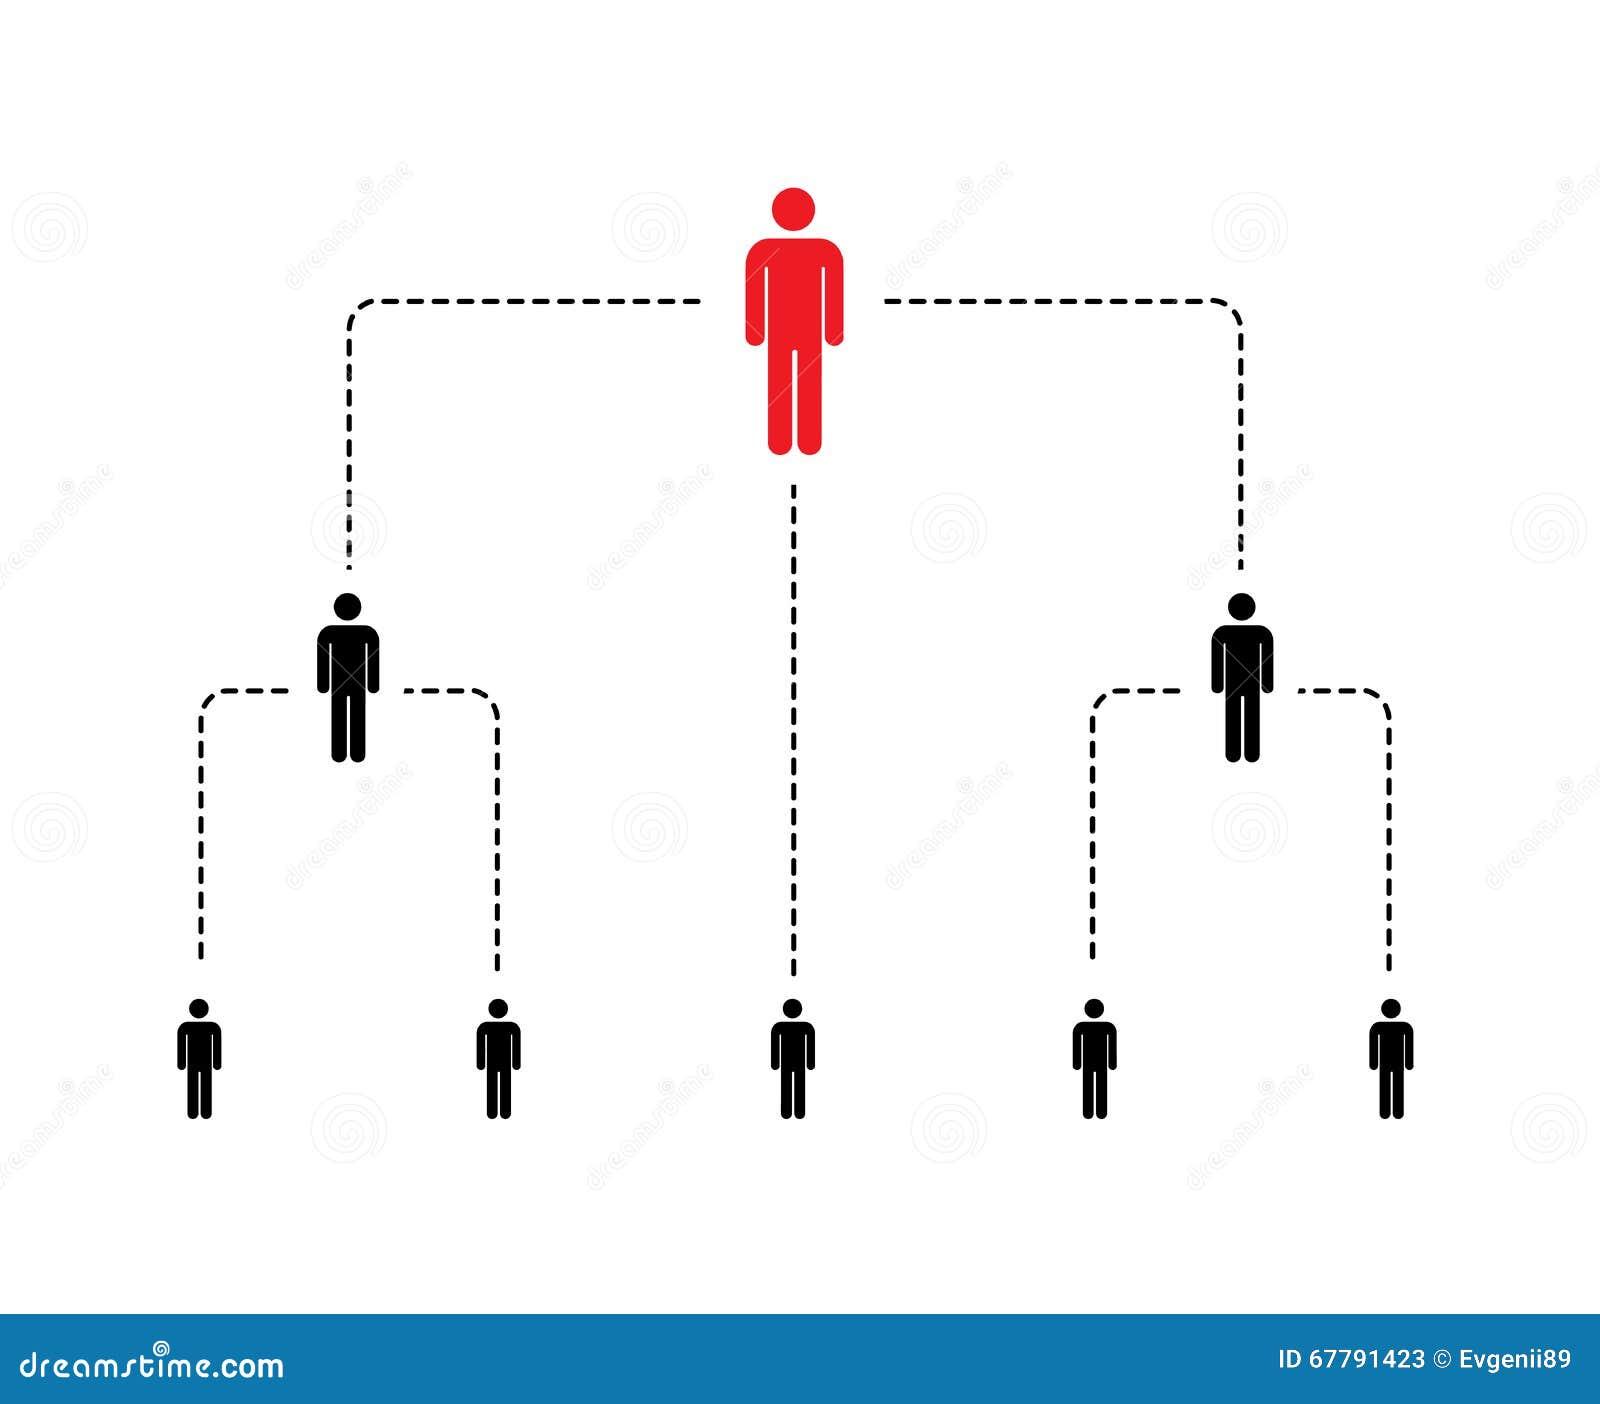 Hierarki av företaget, intrig med enkla personsymboler på vit